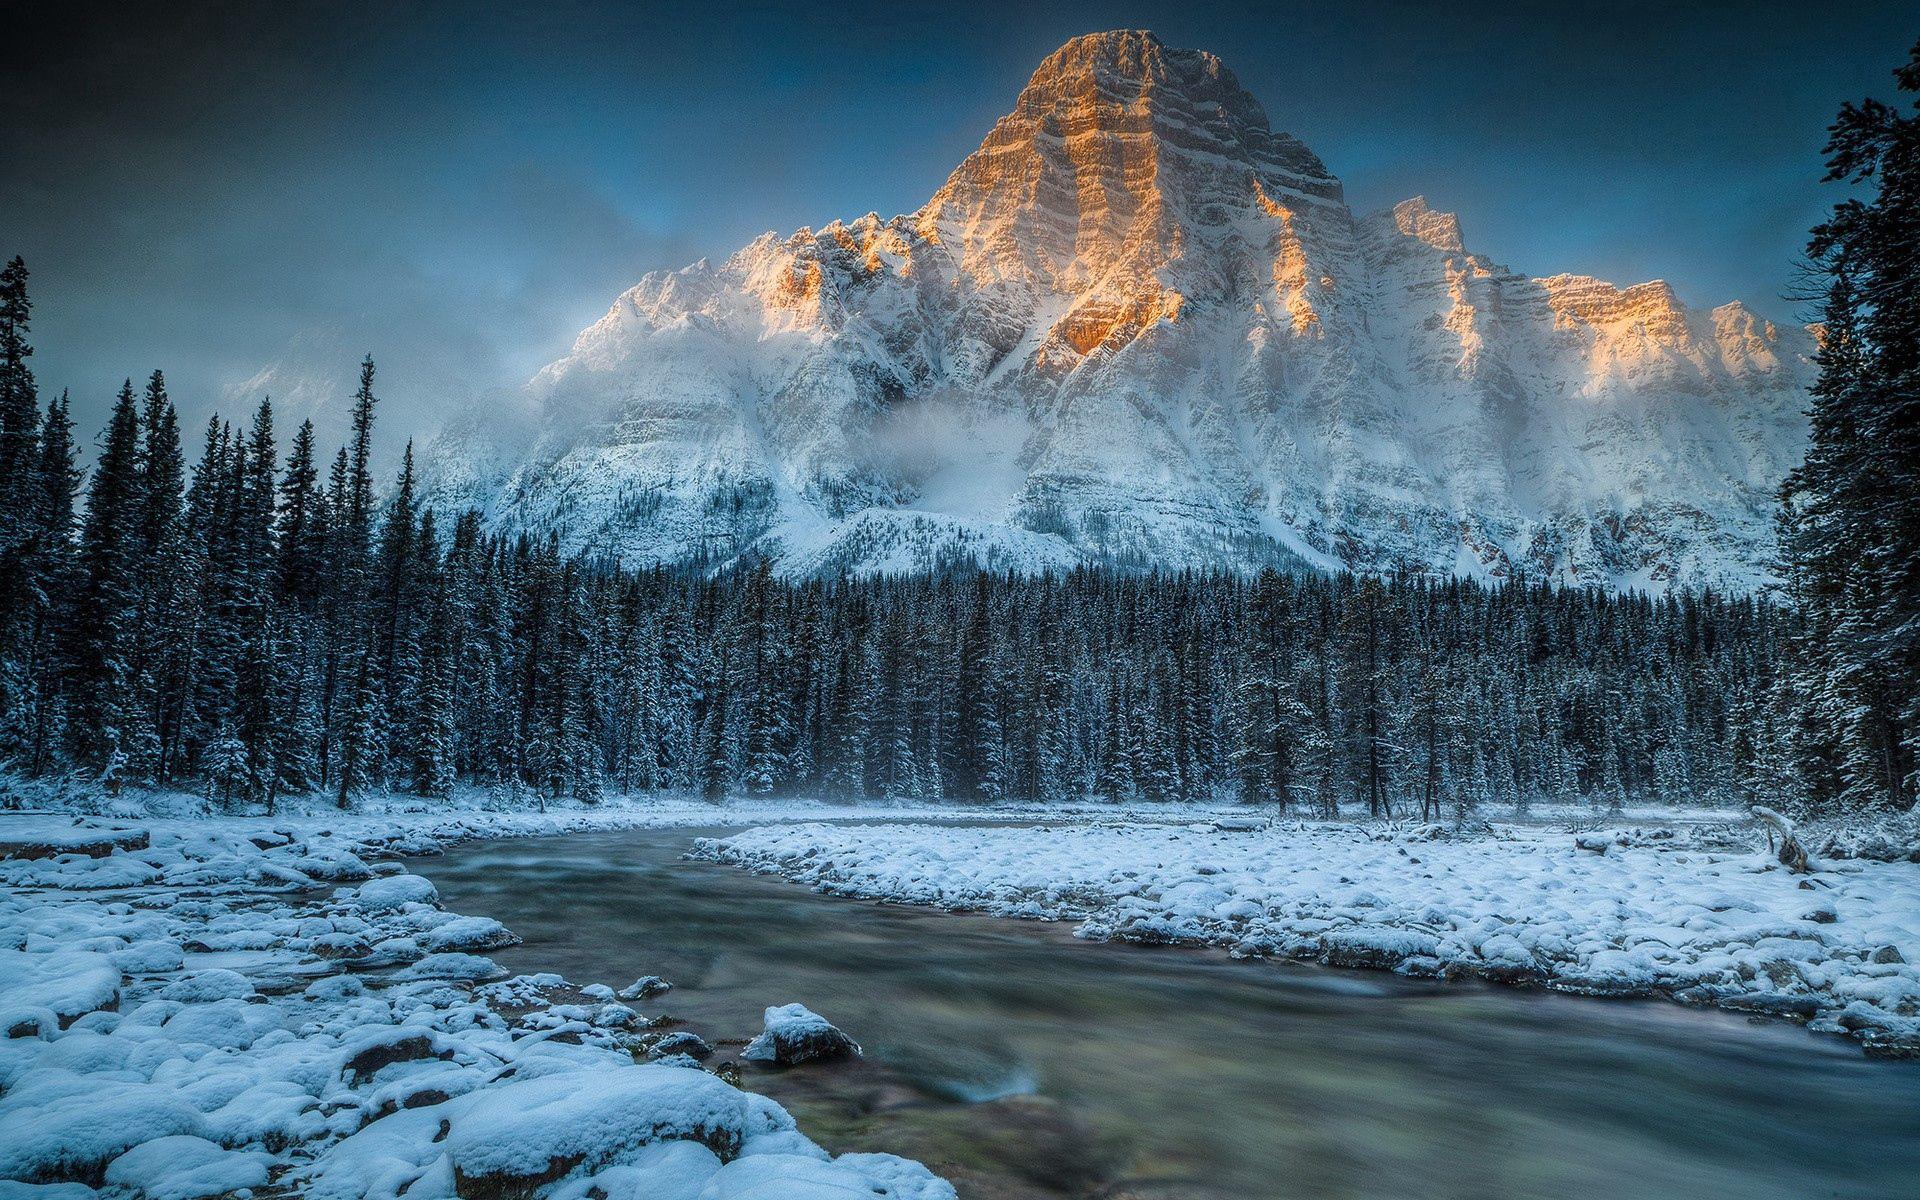 109873 скачать обои Горы, Природа, Река, Снег - заставки и картинки бесплатно